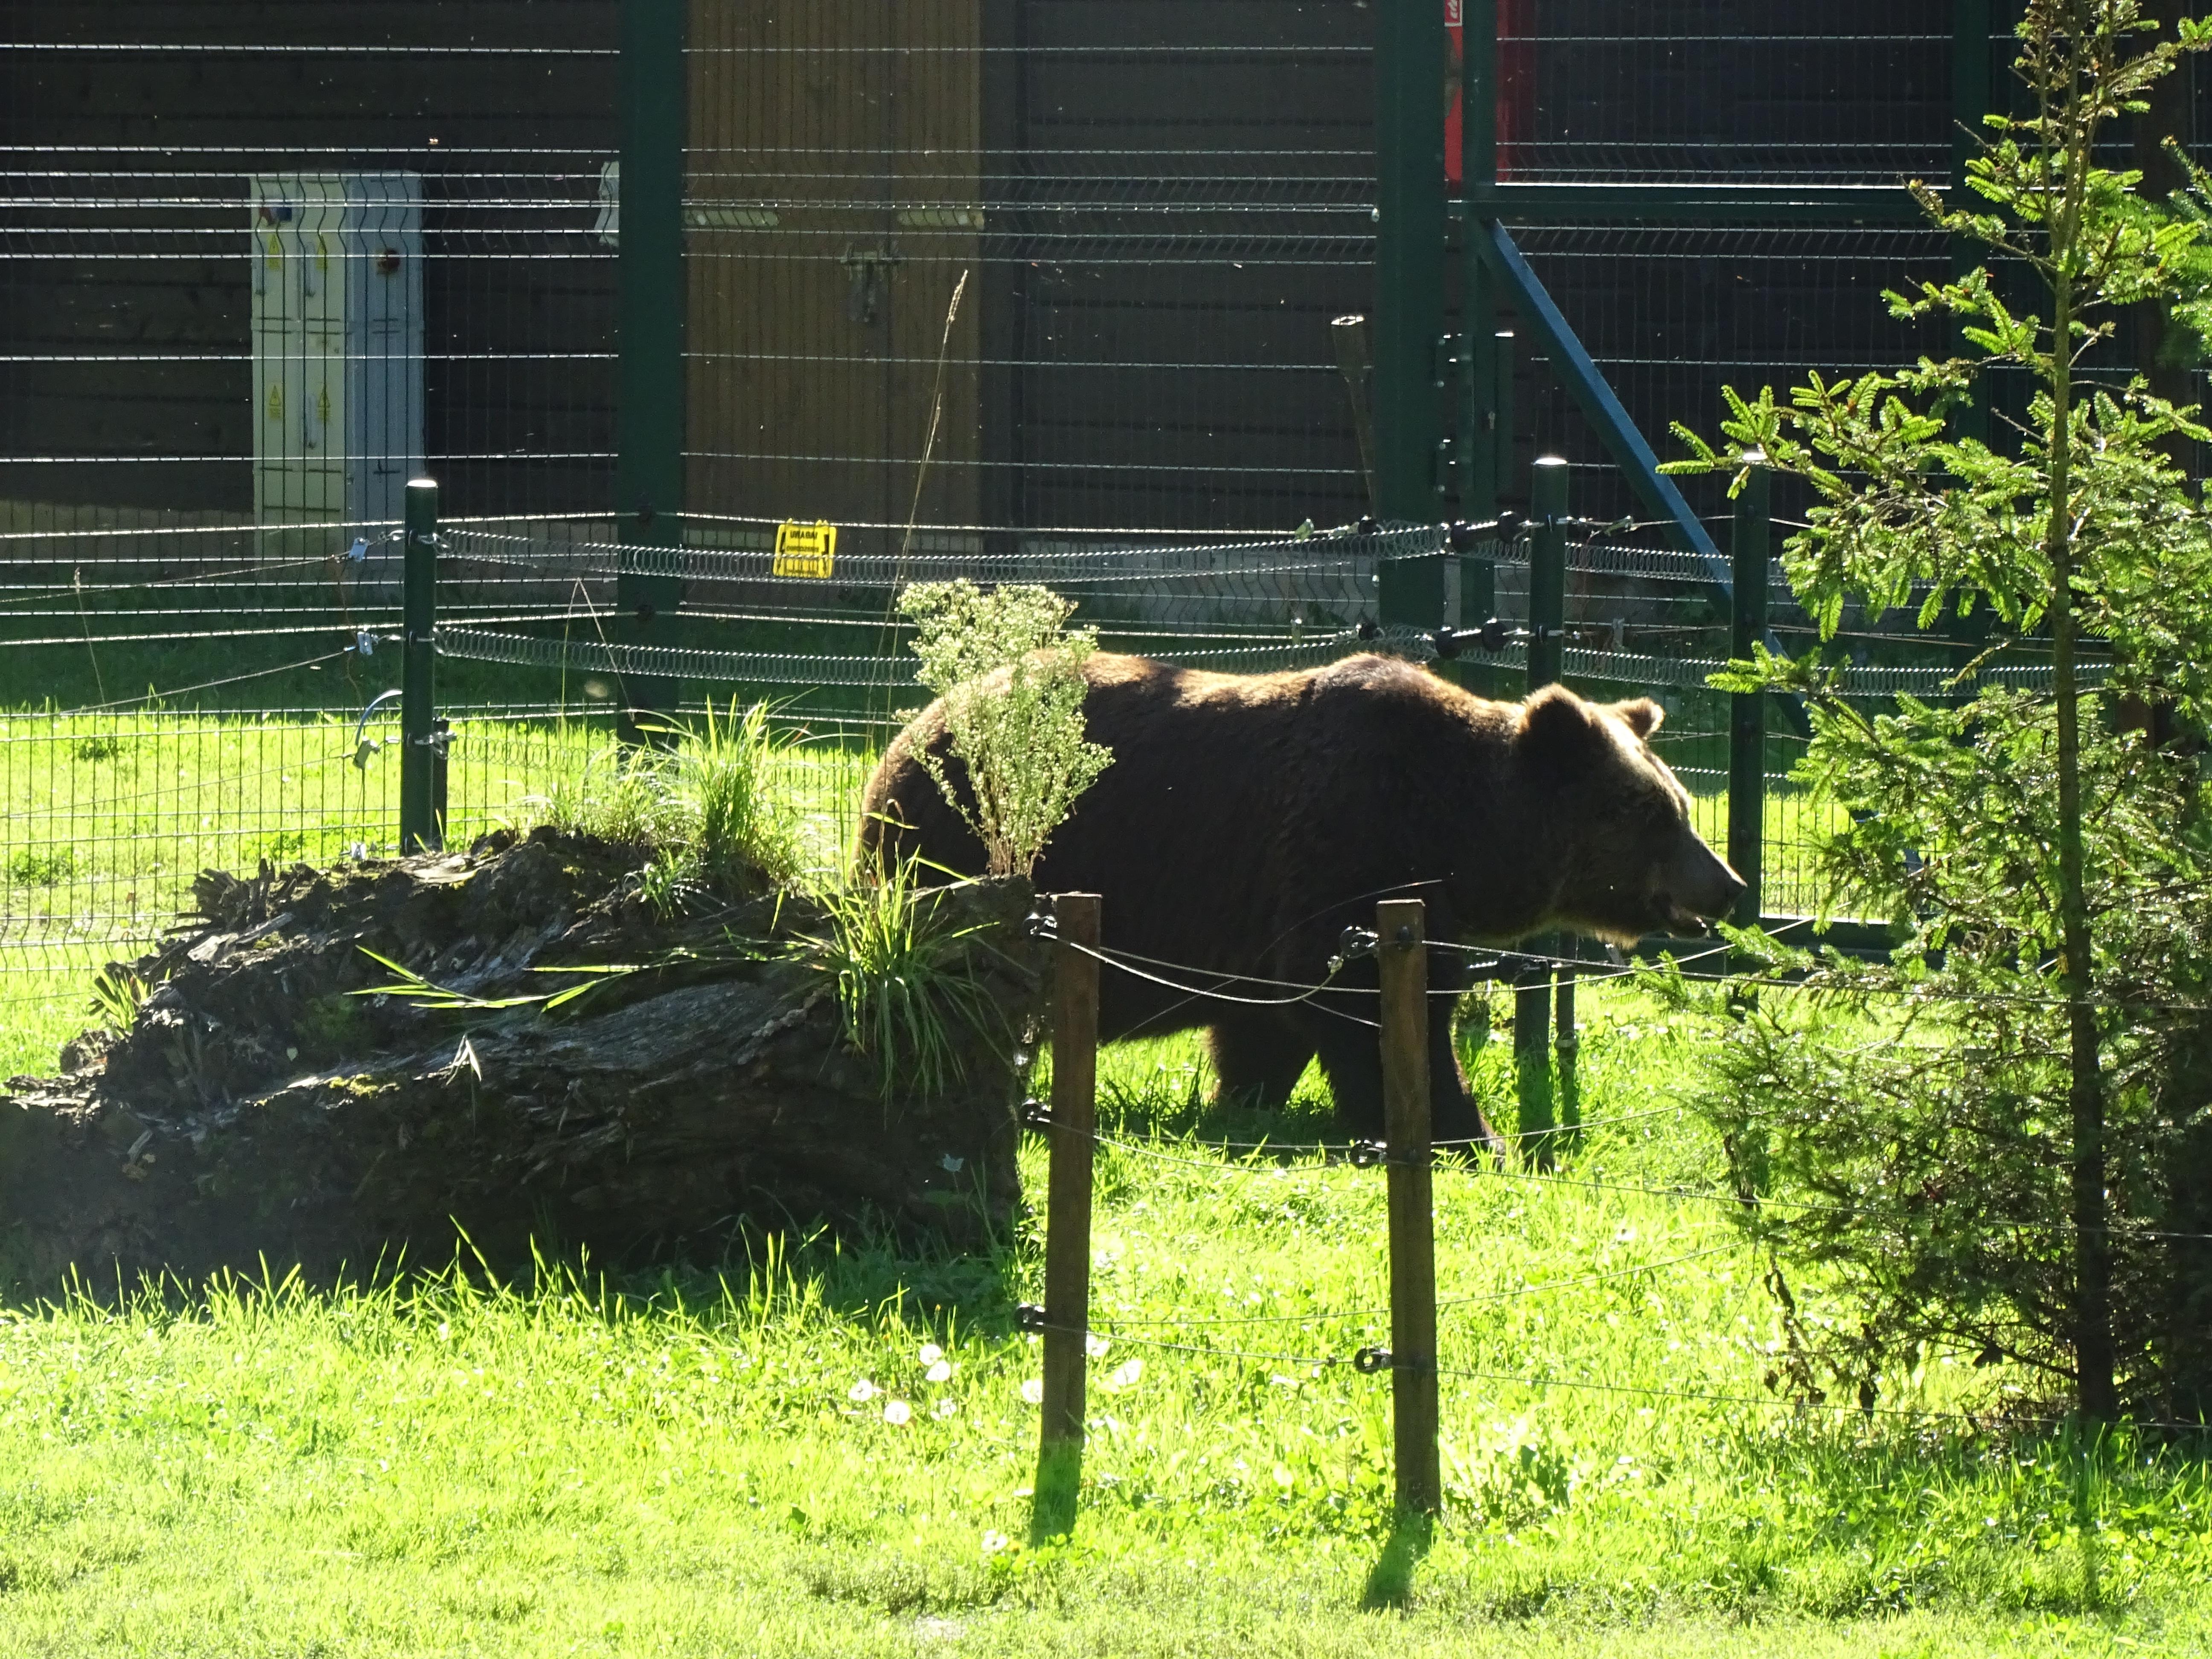 bear akcent zoo zwierzyniecki park bialystok poland